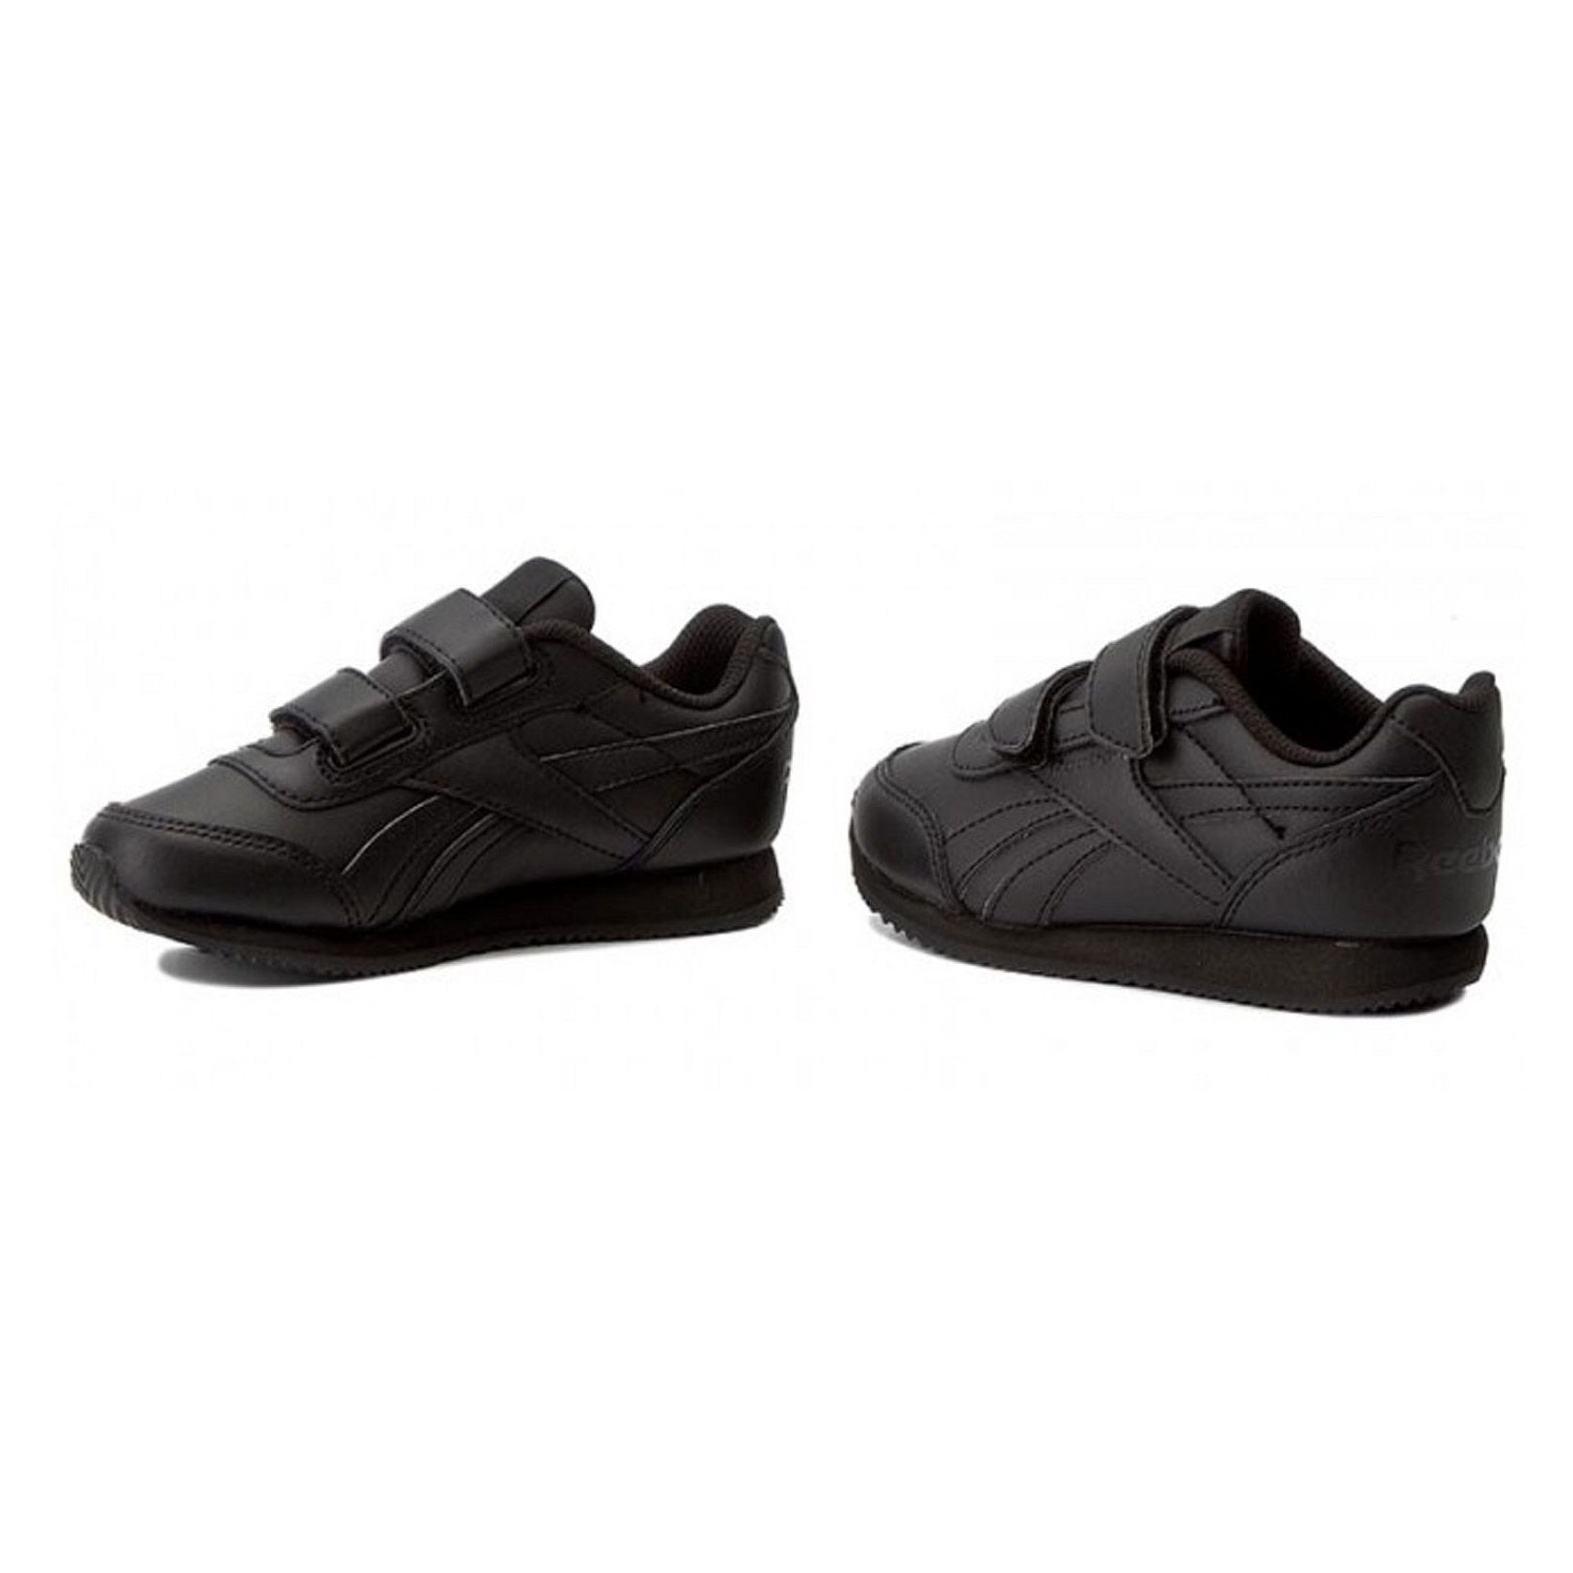 کفش مخصوص دویدن بچگانه ریباک مدل V70471 -  - 4